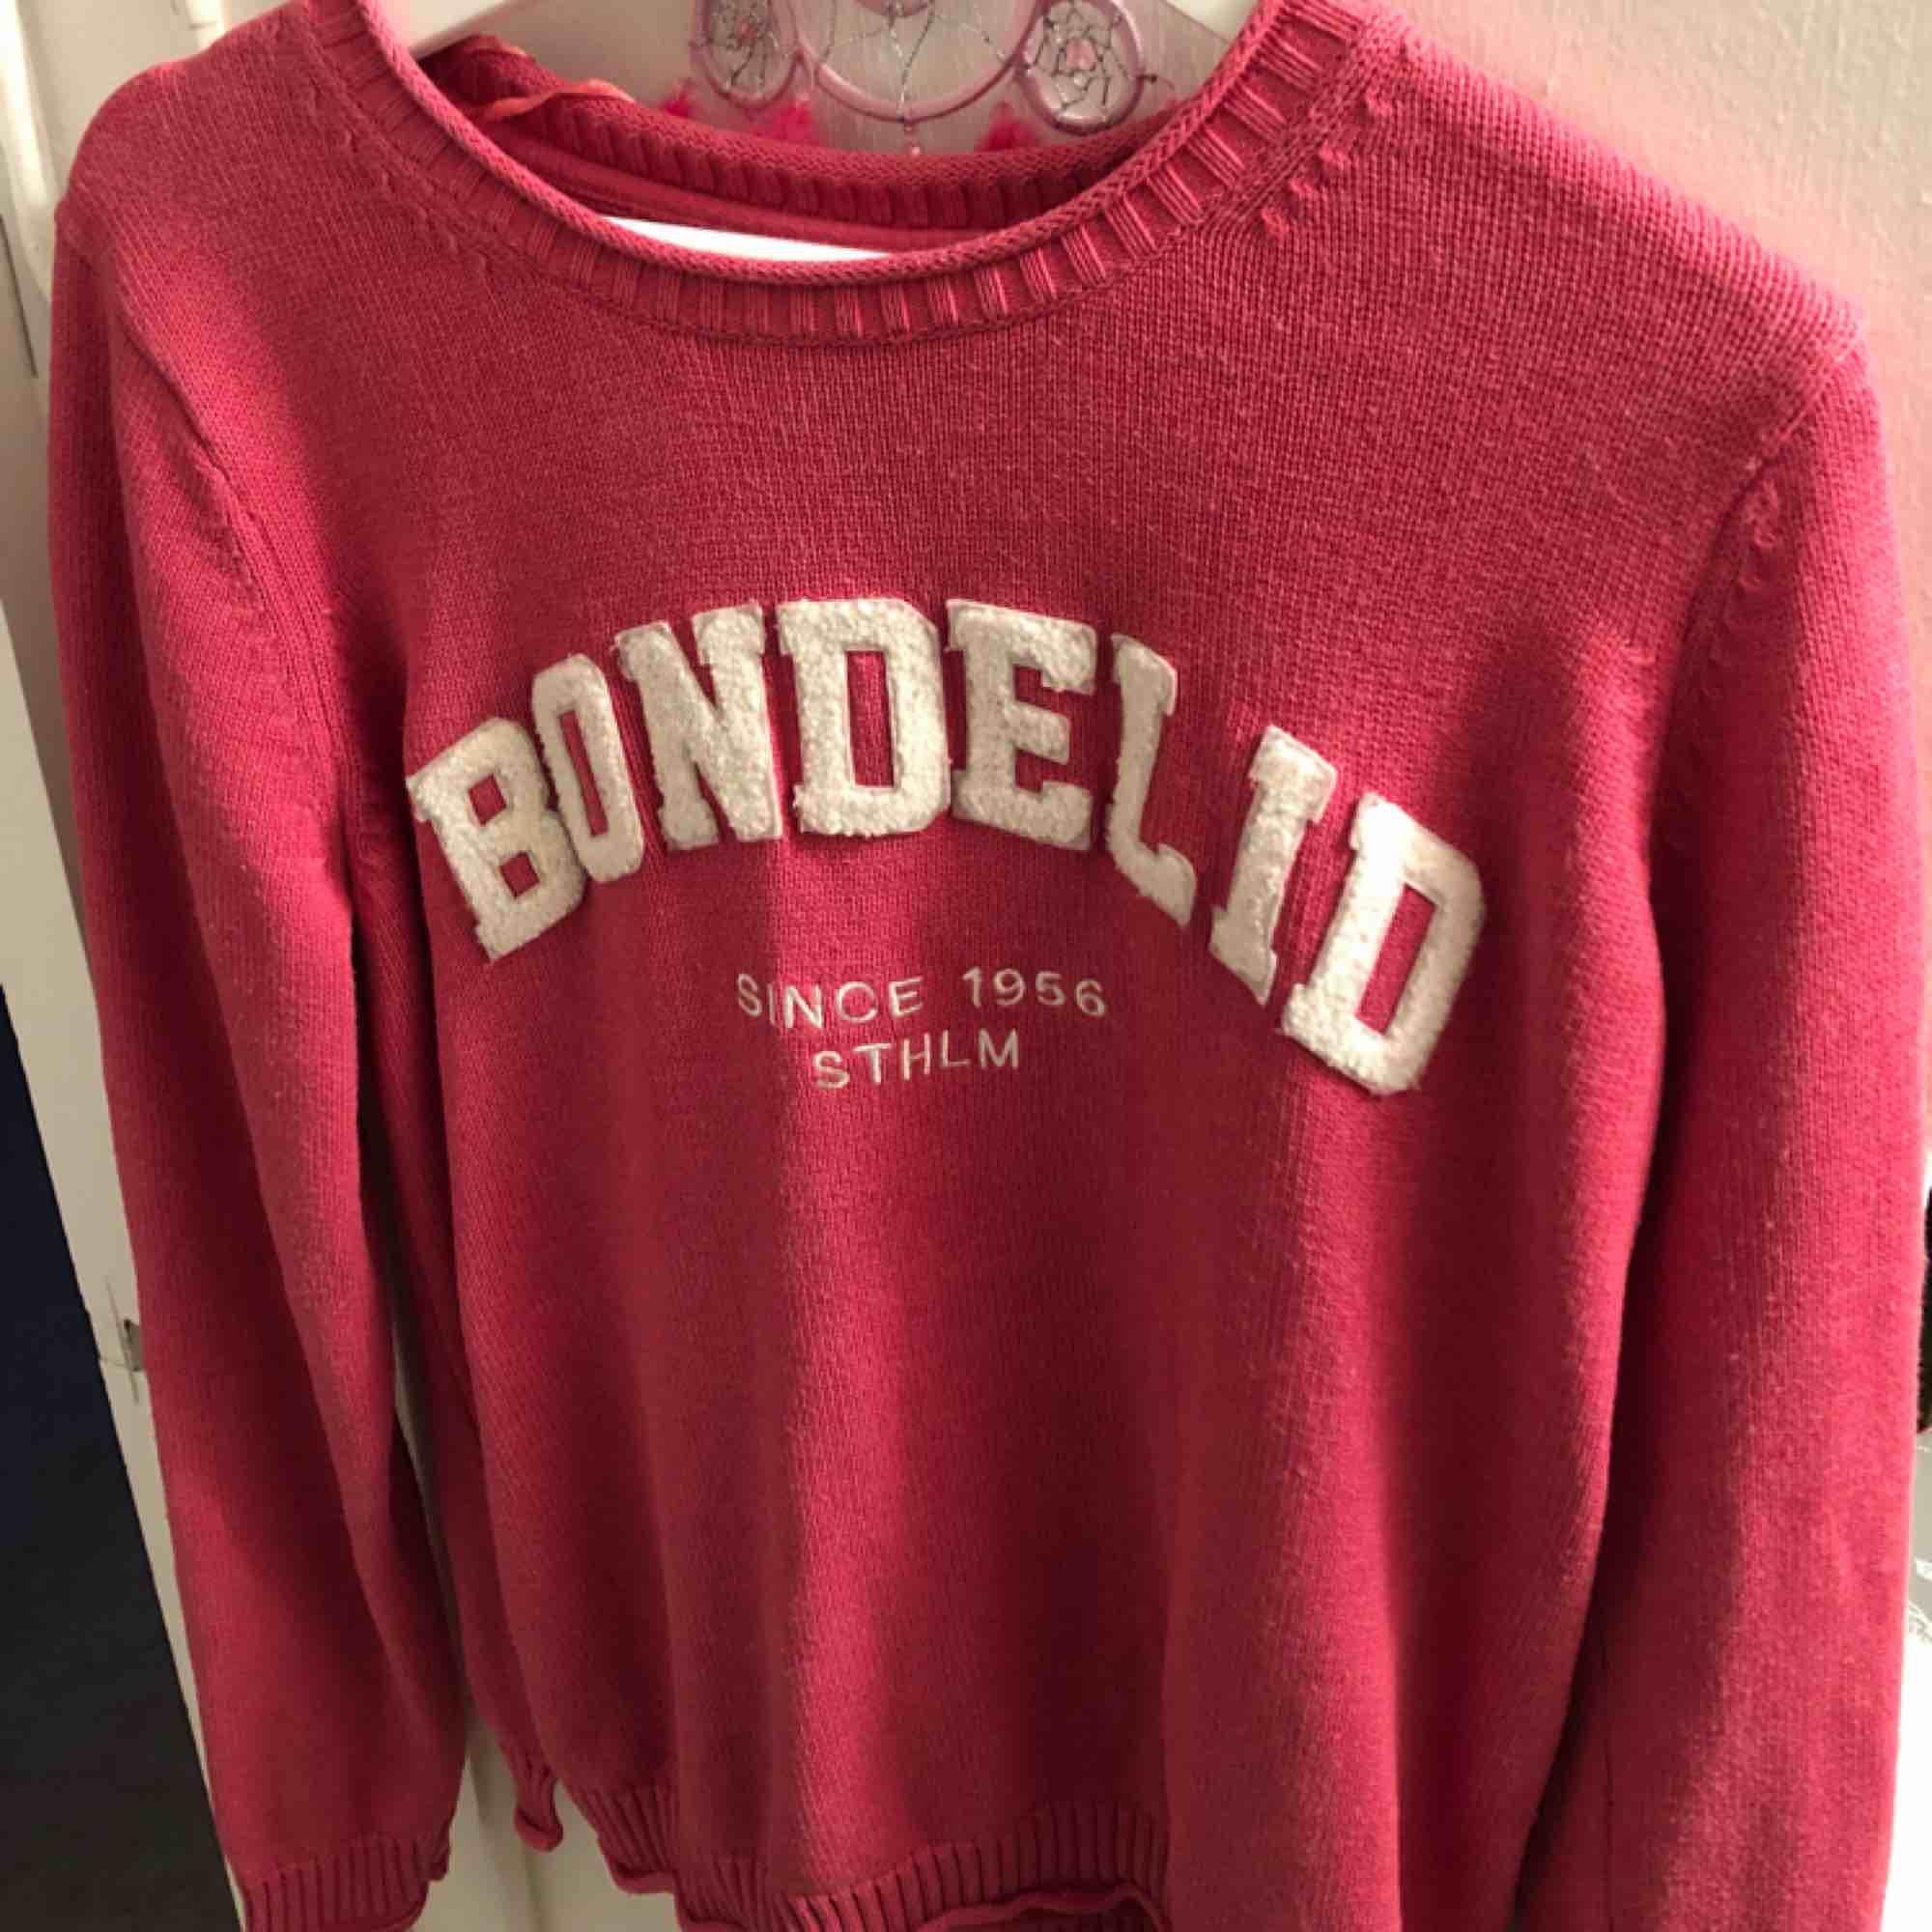 Jättefin tröja från Bondelid💗 Köpte för ca 500kr💗 Frakt tillkommer och jag säljer den för att den blivit för stor för mig💗. Tröjor & Koftor.